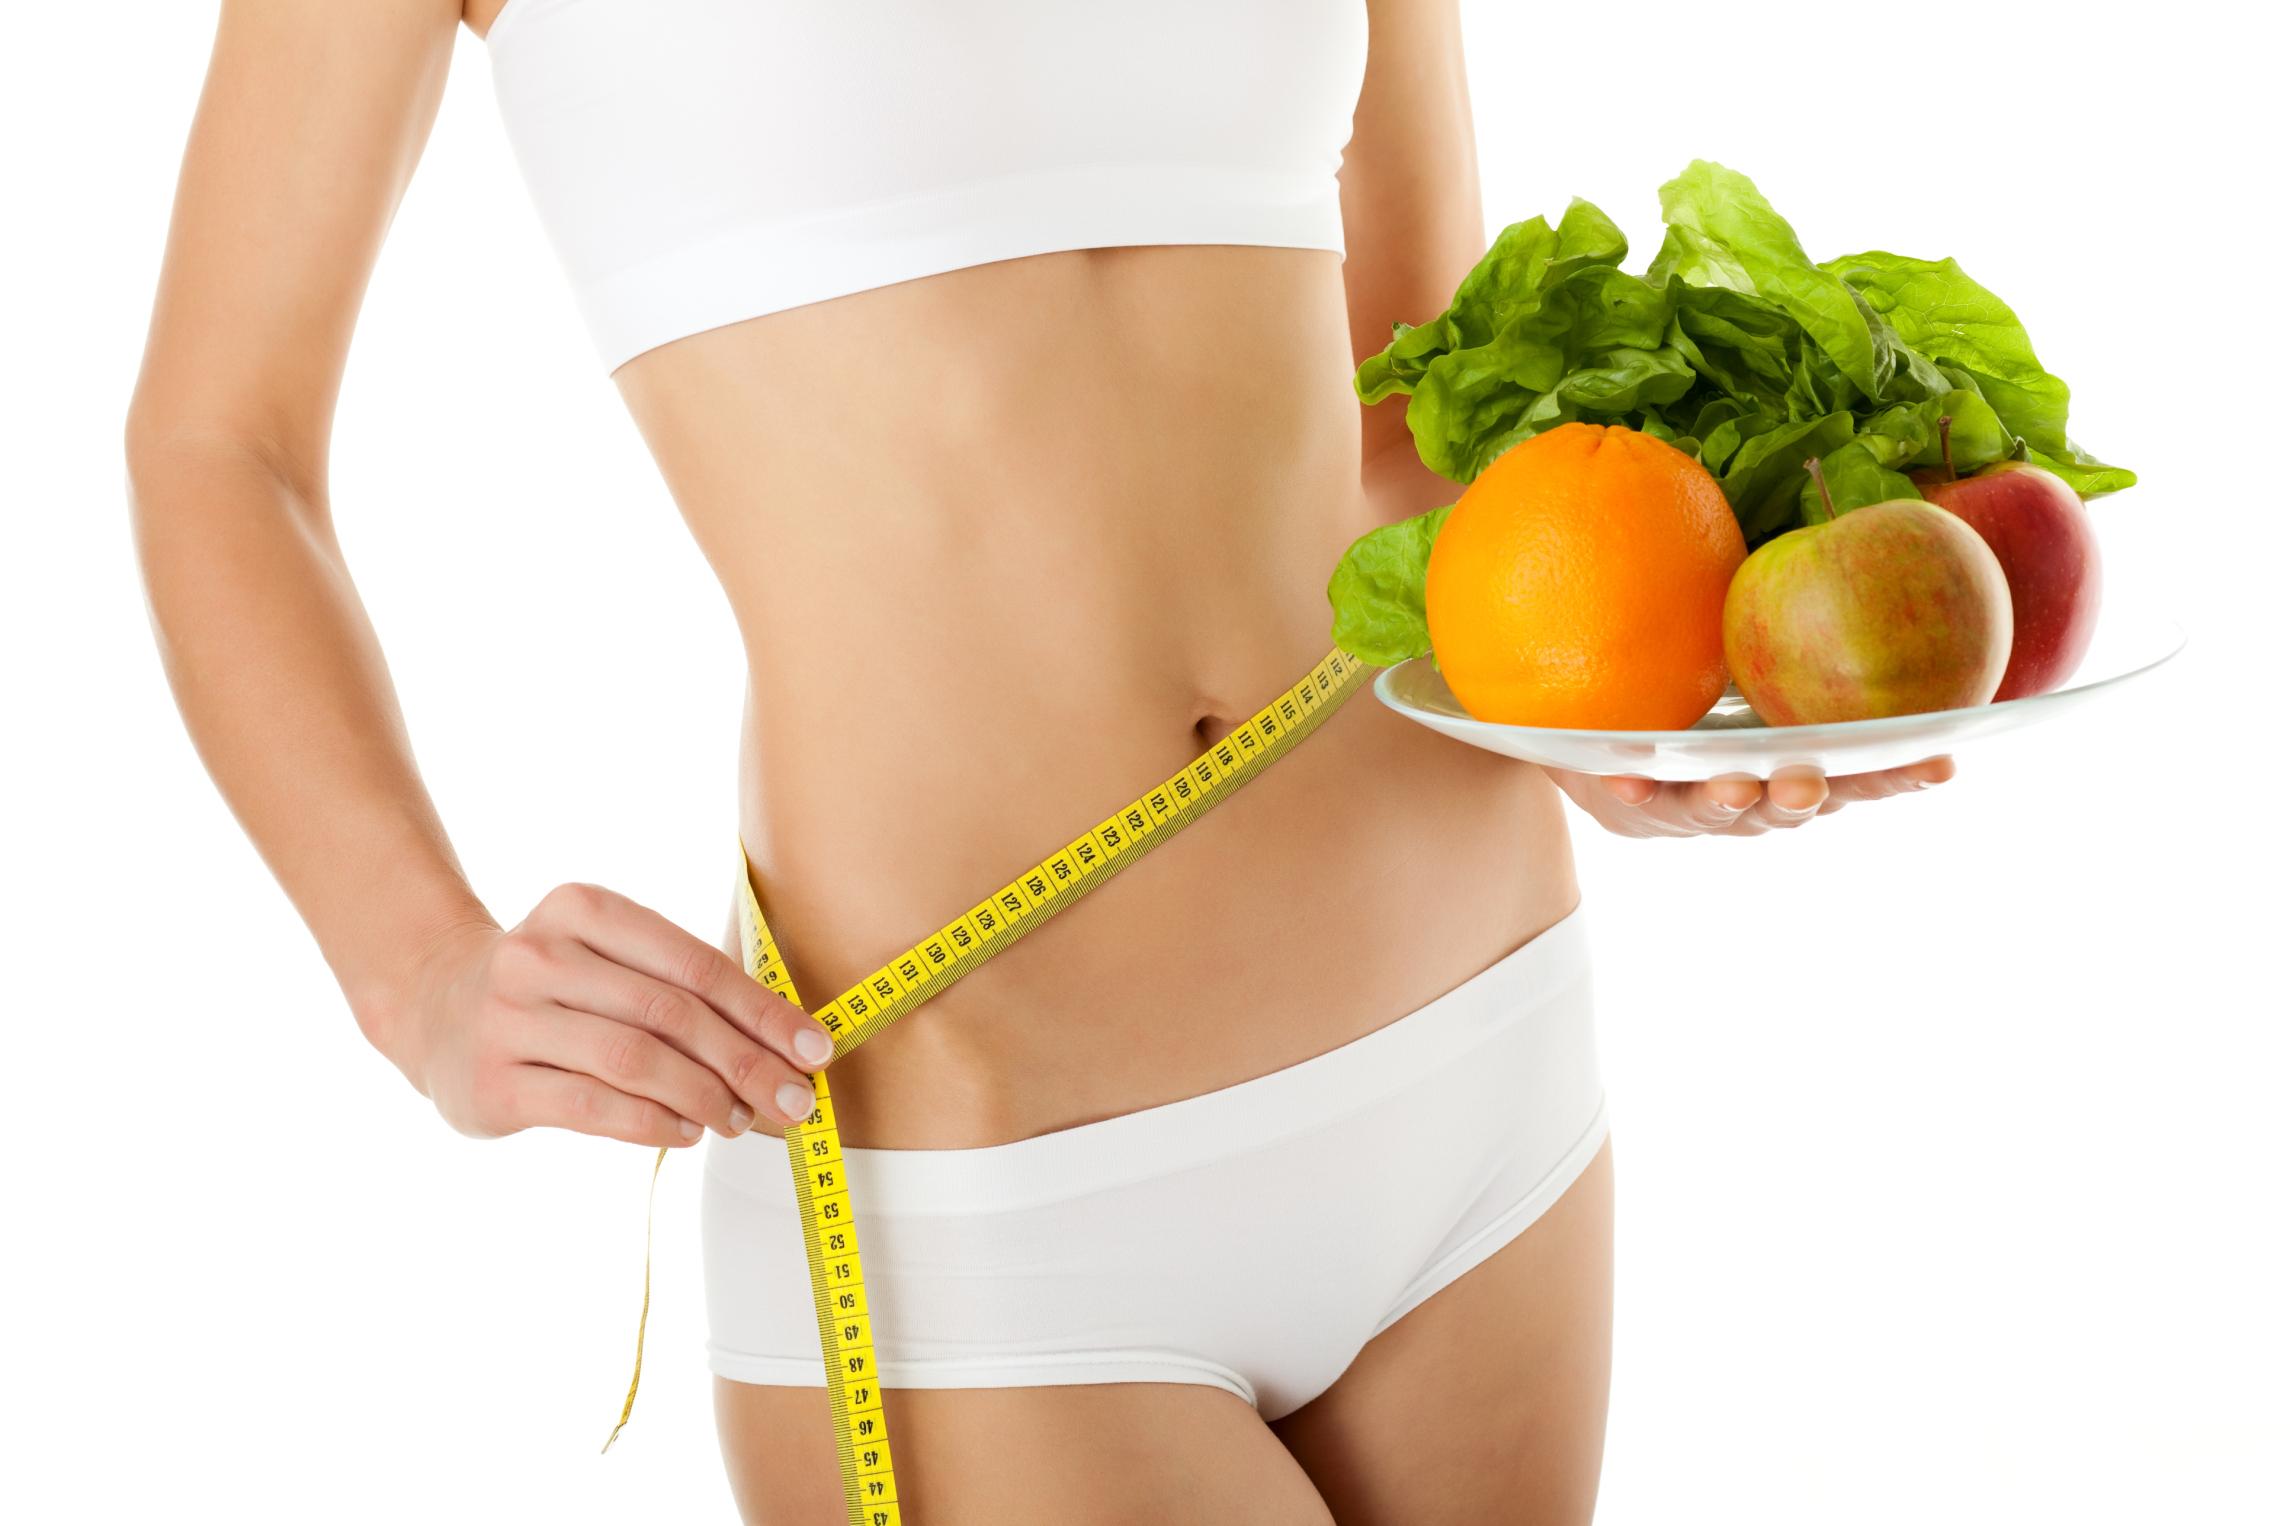 Персональная диета для похудения